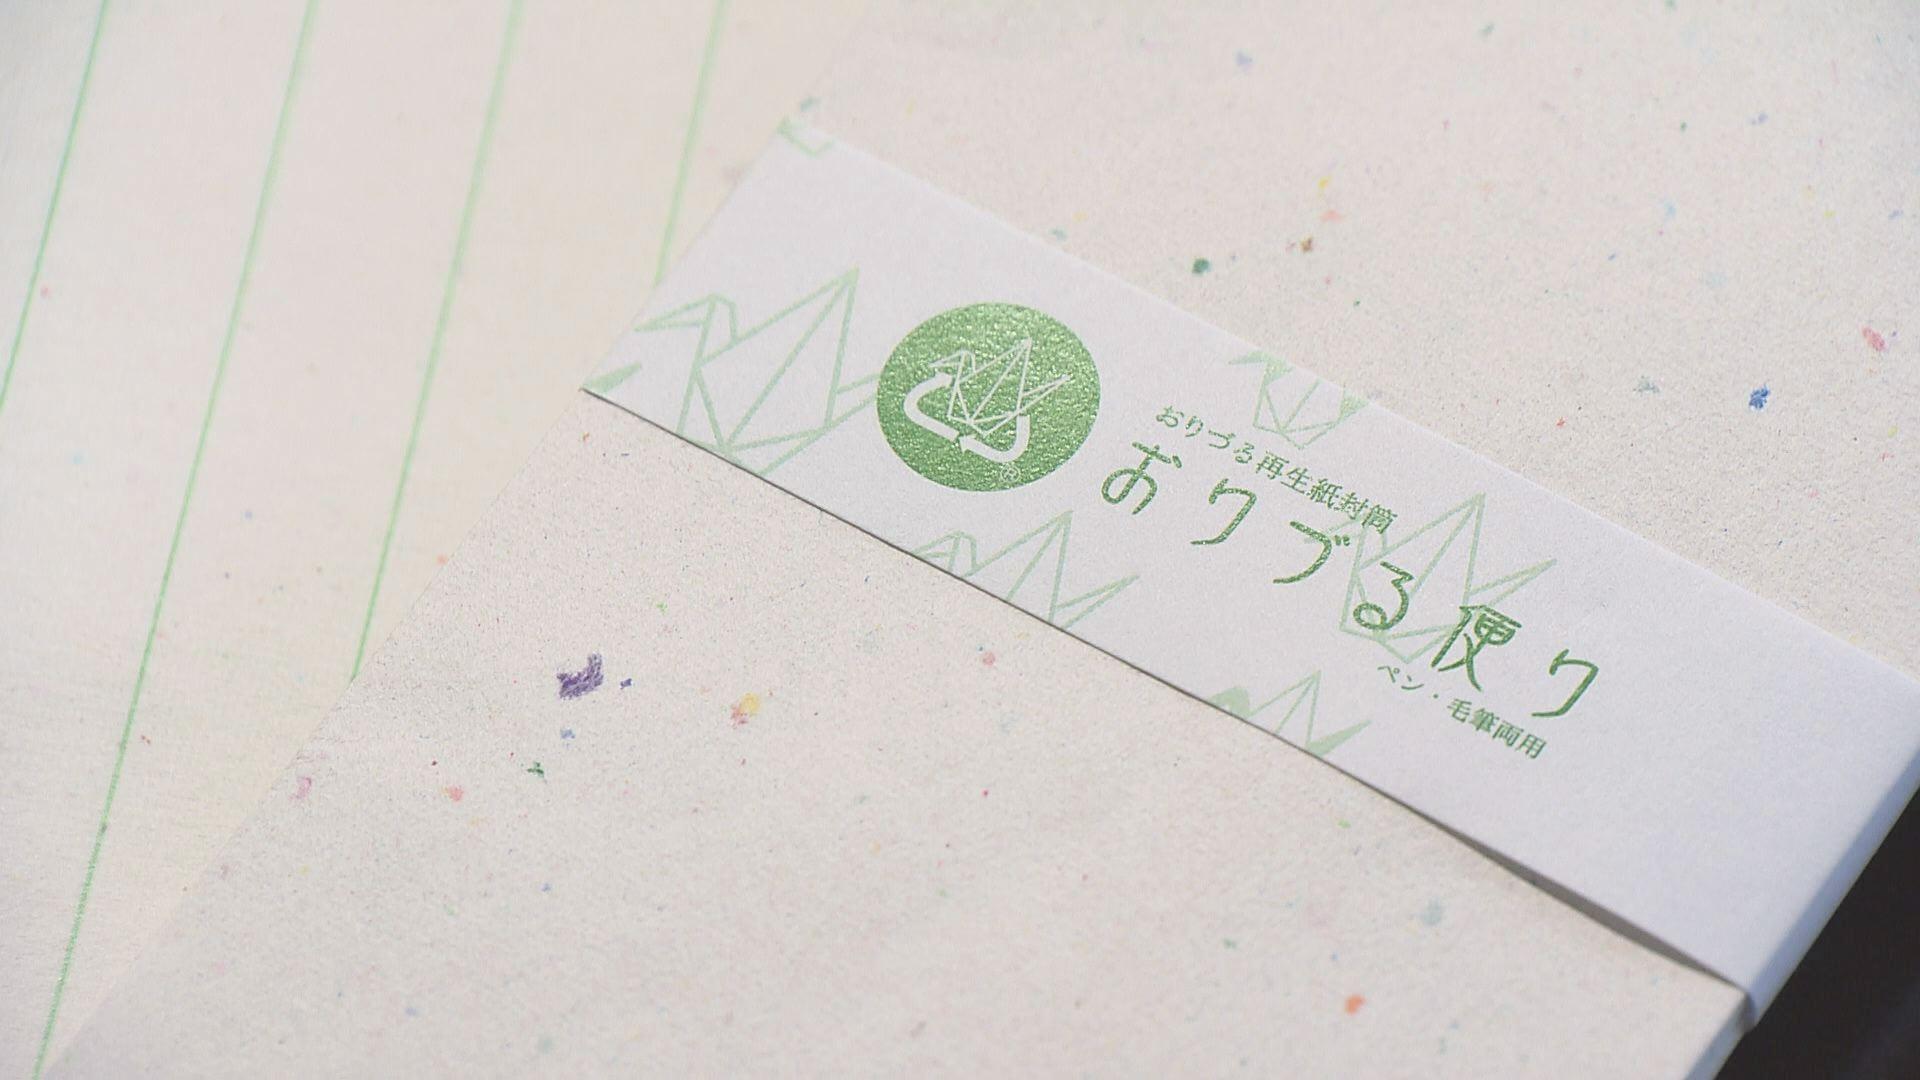 おりづる再生紙による便箋と封筒